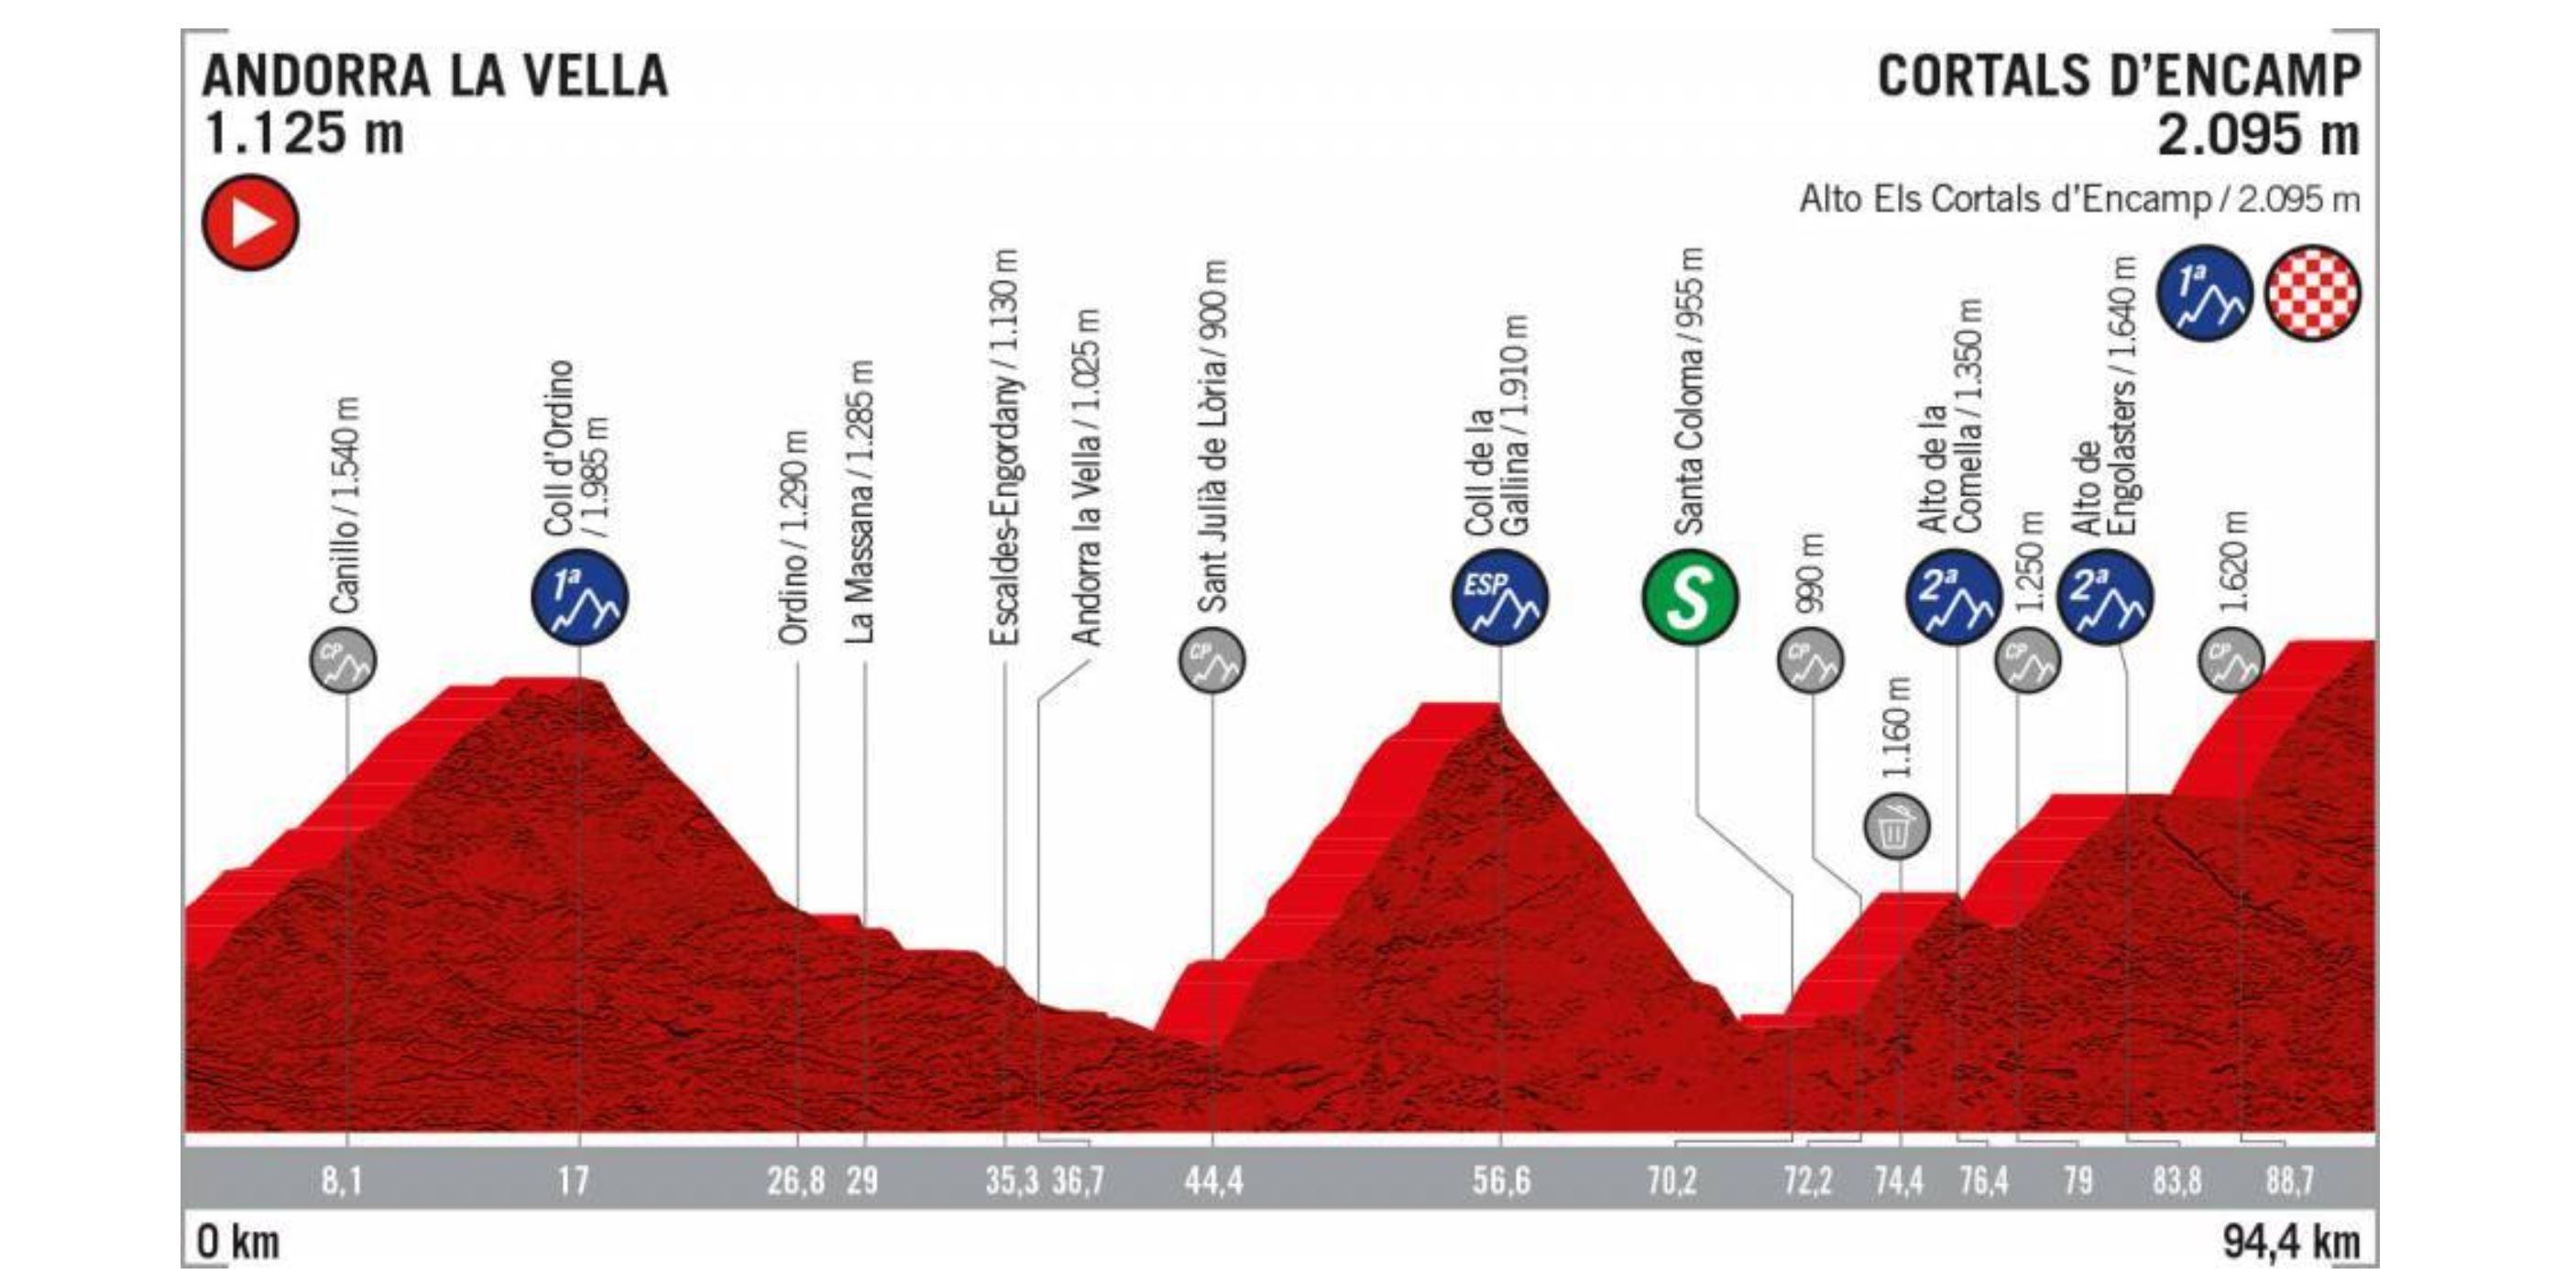 La Vuelta a Espana 2019, stage 9 profile